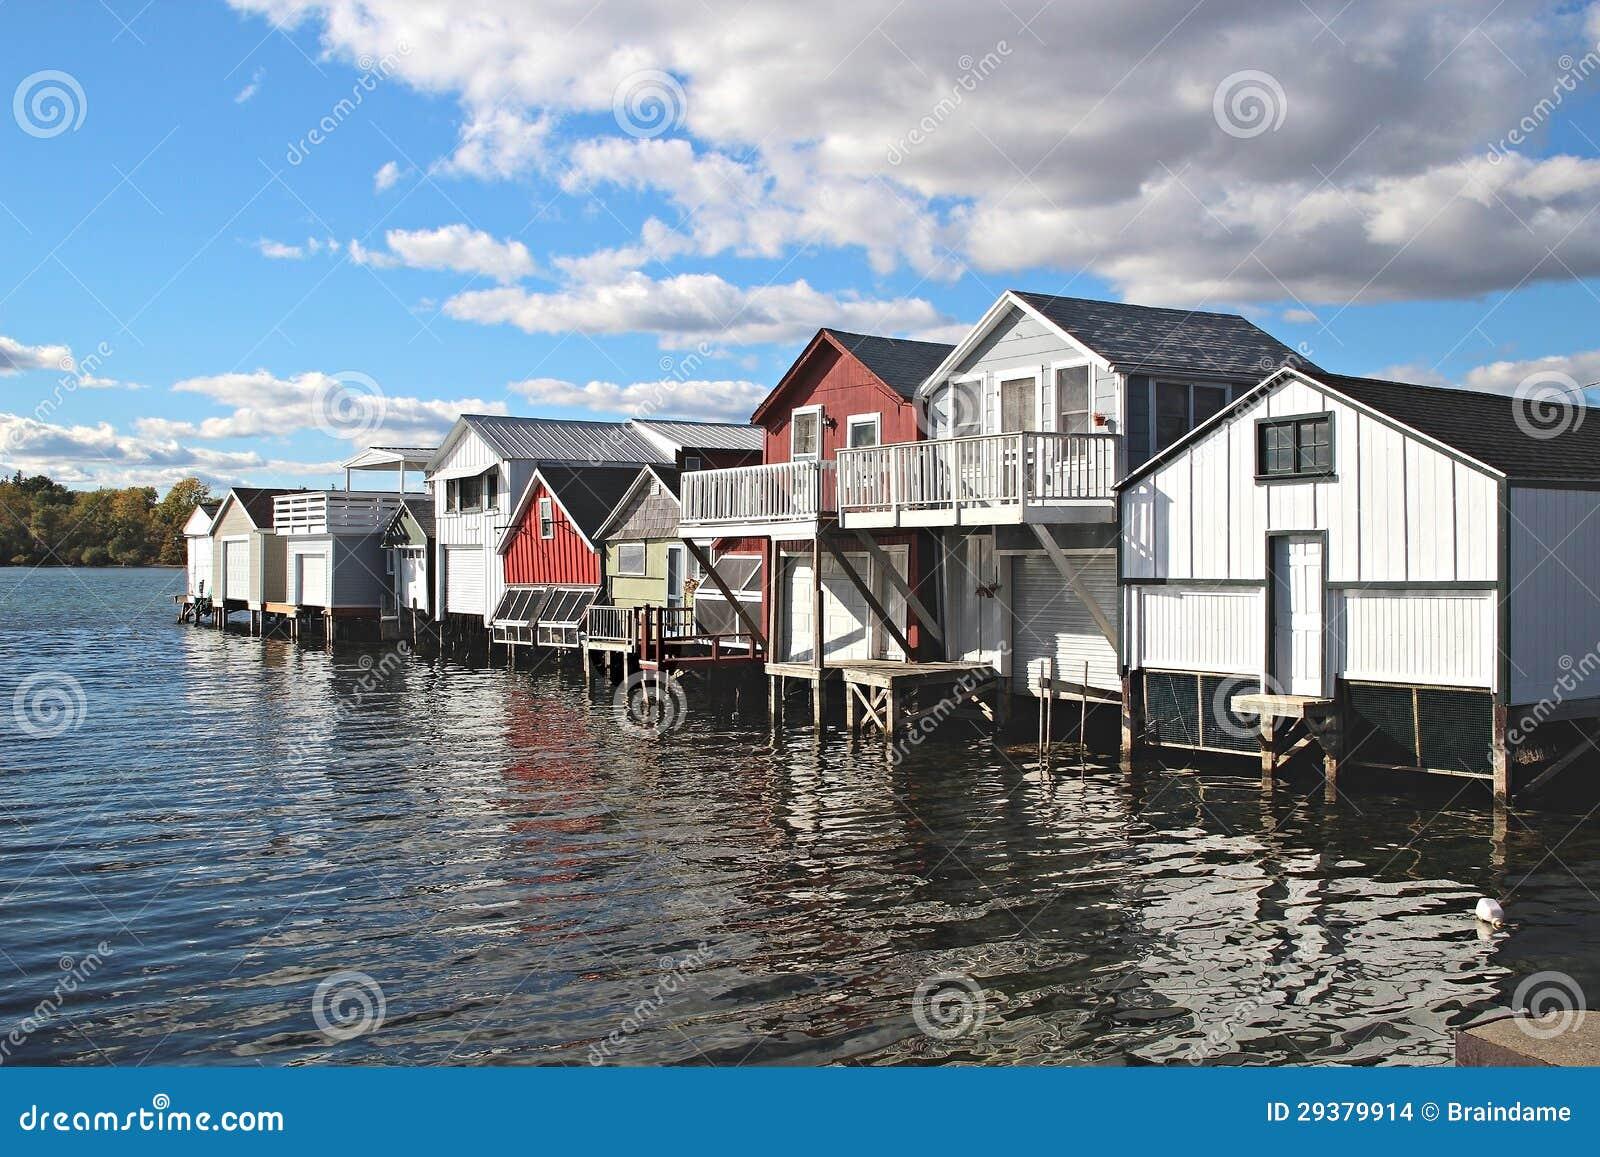 Boathouses On Canandaigua Lake, New York Stock Photo - Image: 29379914